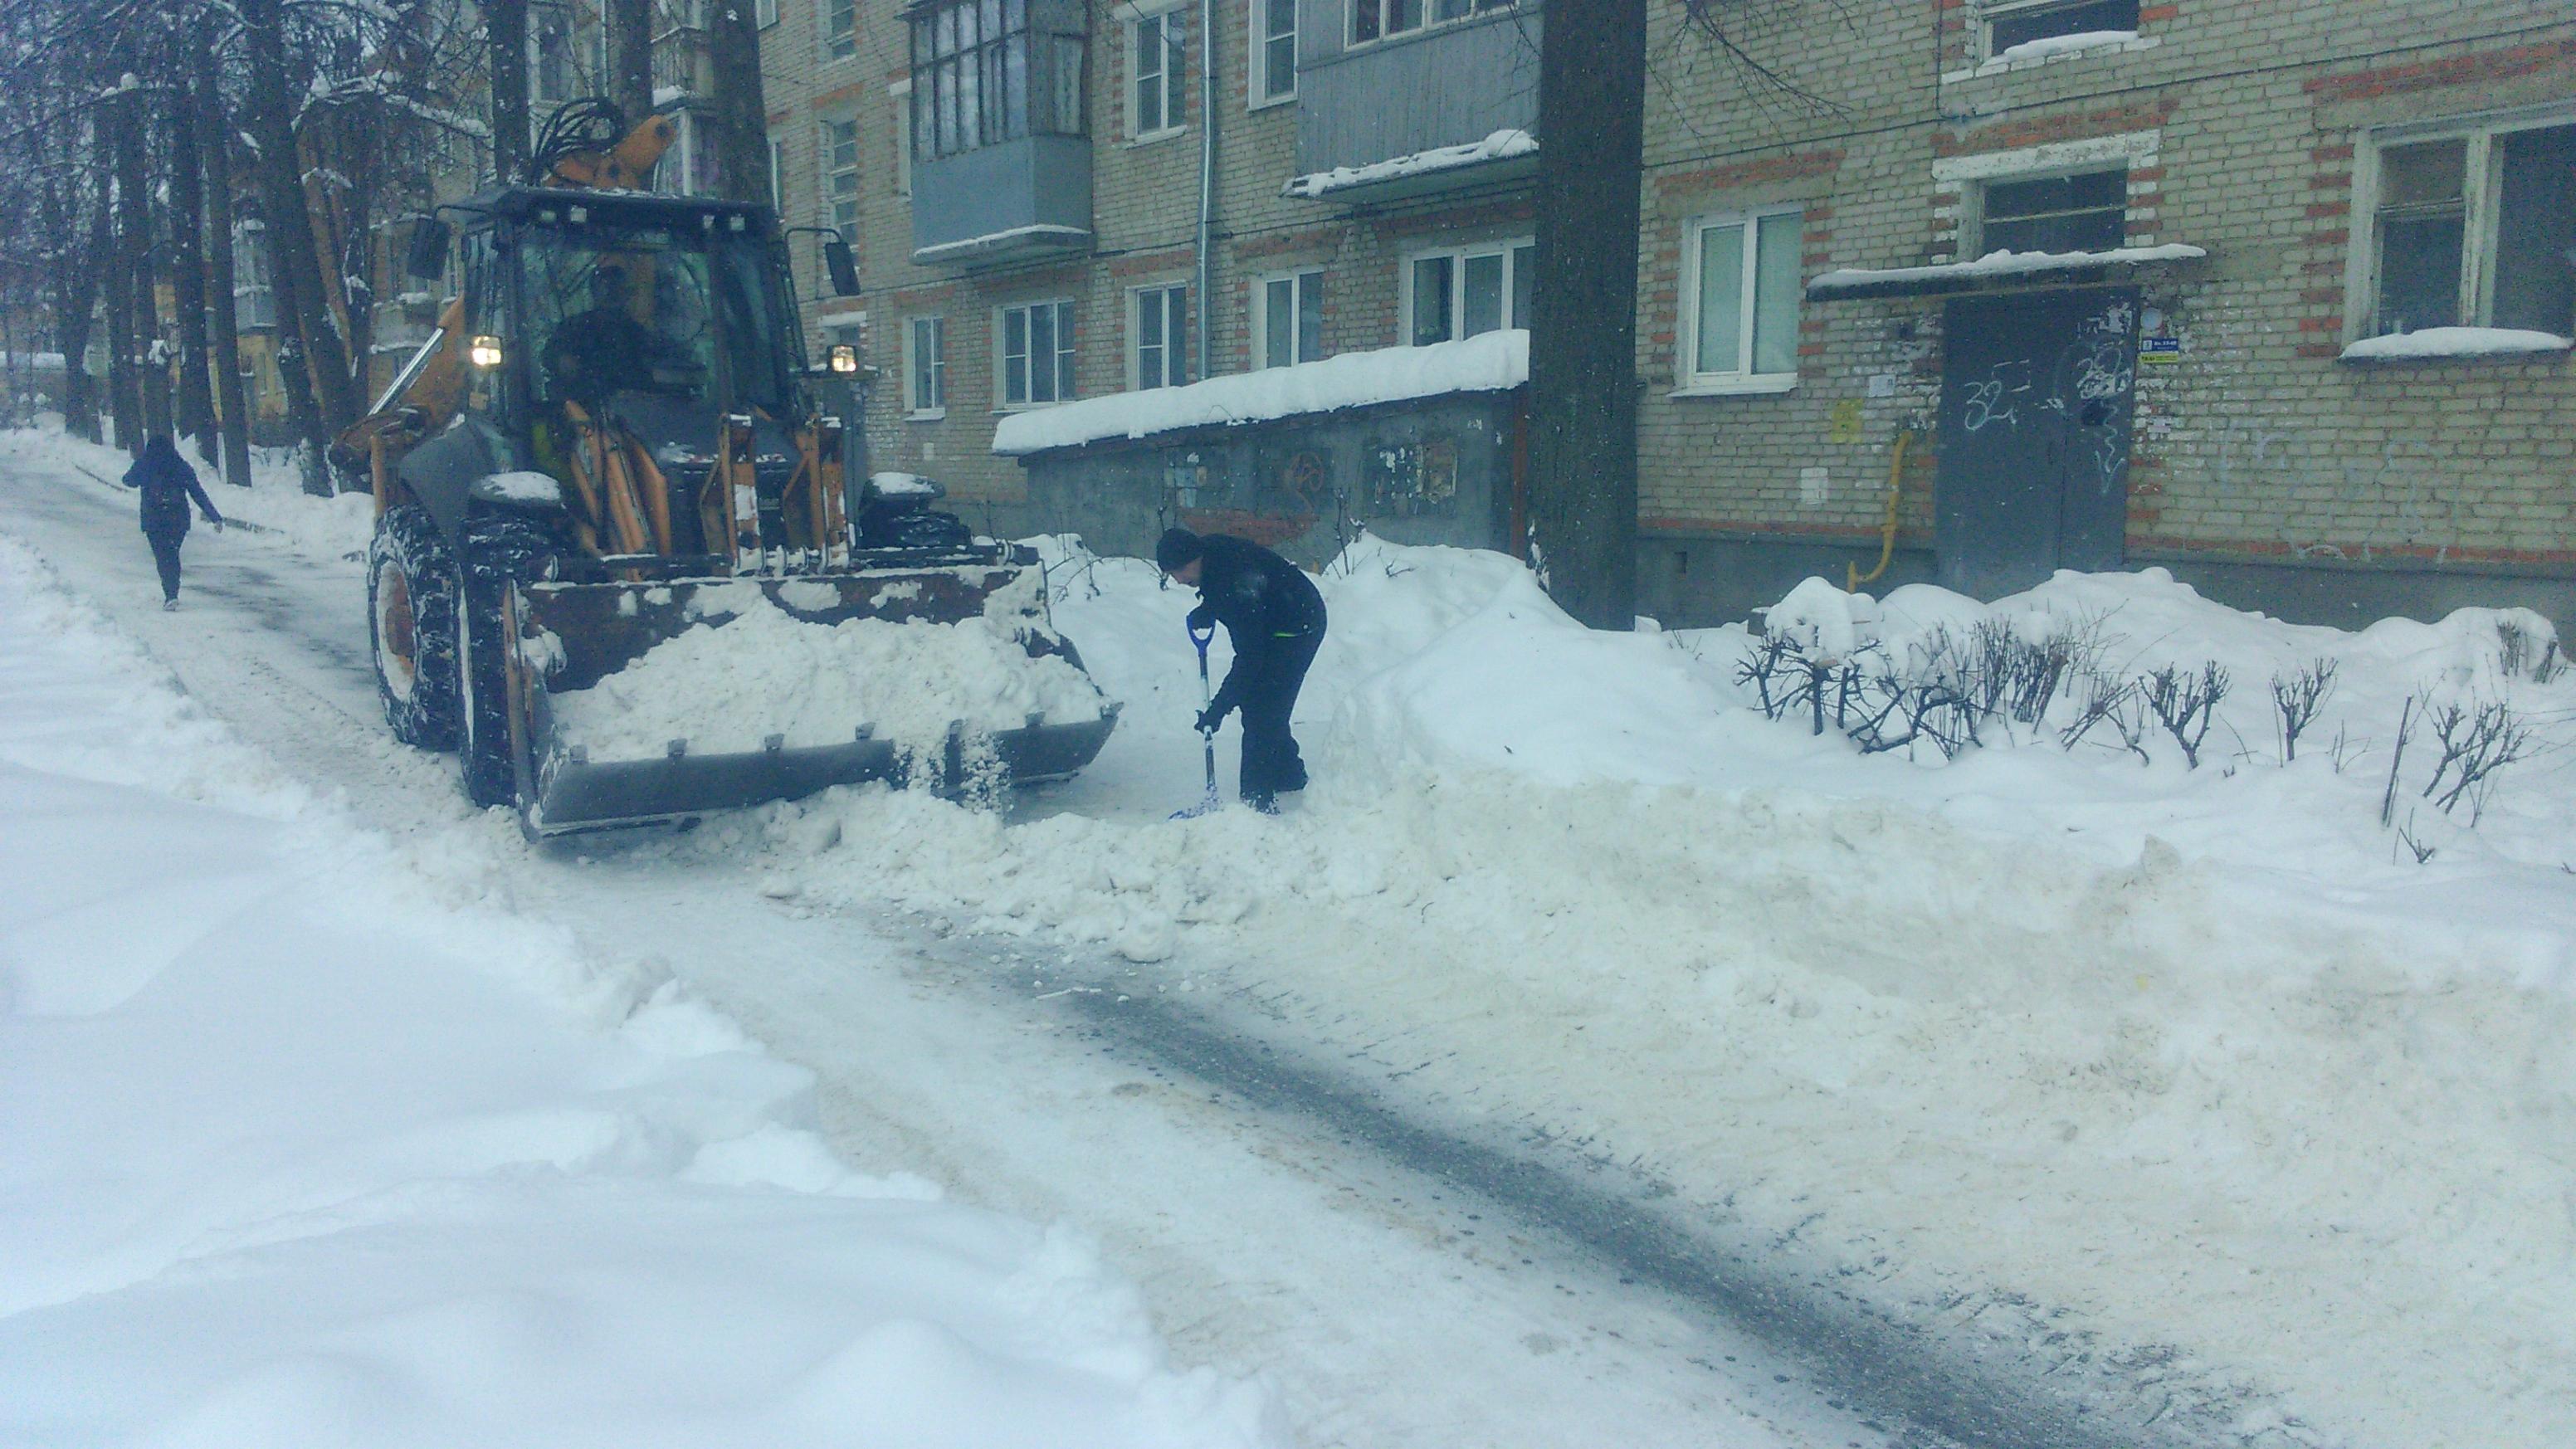 Курские управляющие компании не справляются с убркой снега